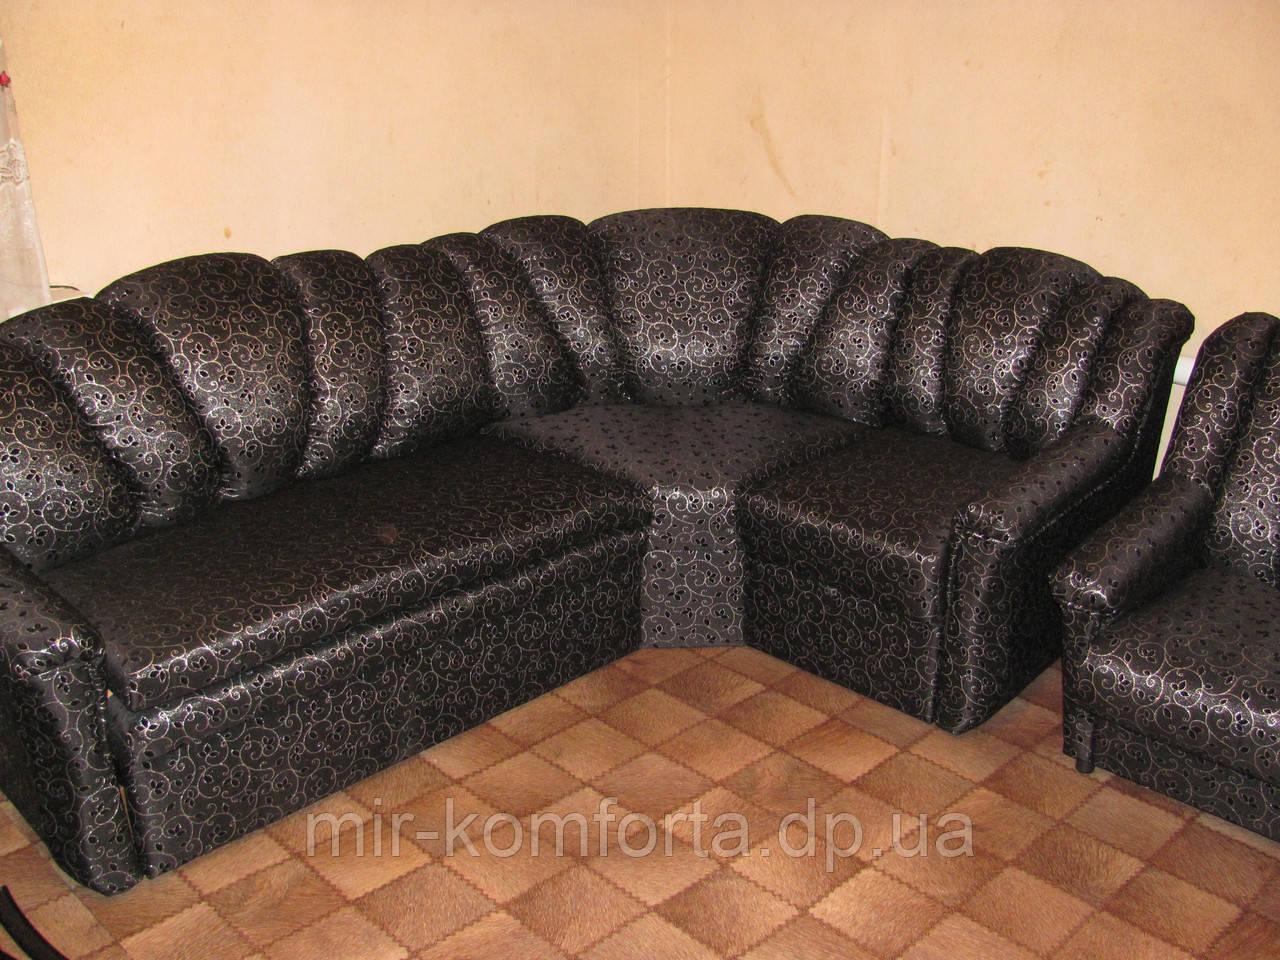 Перетяжка кутового дивана в Дніпрі